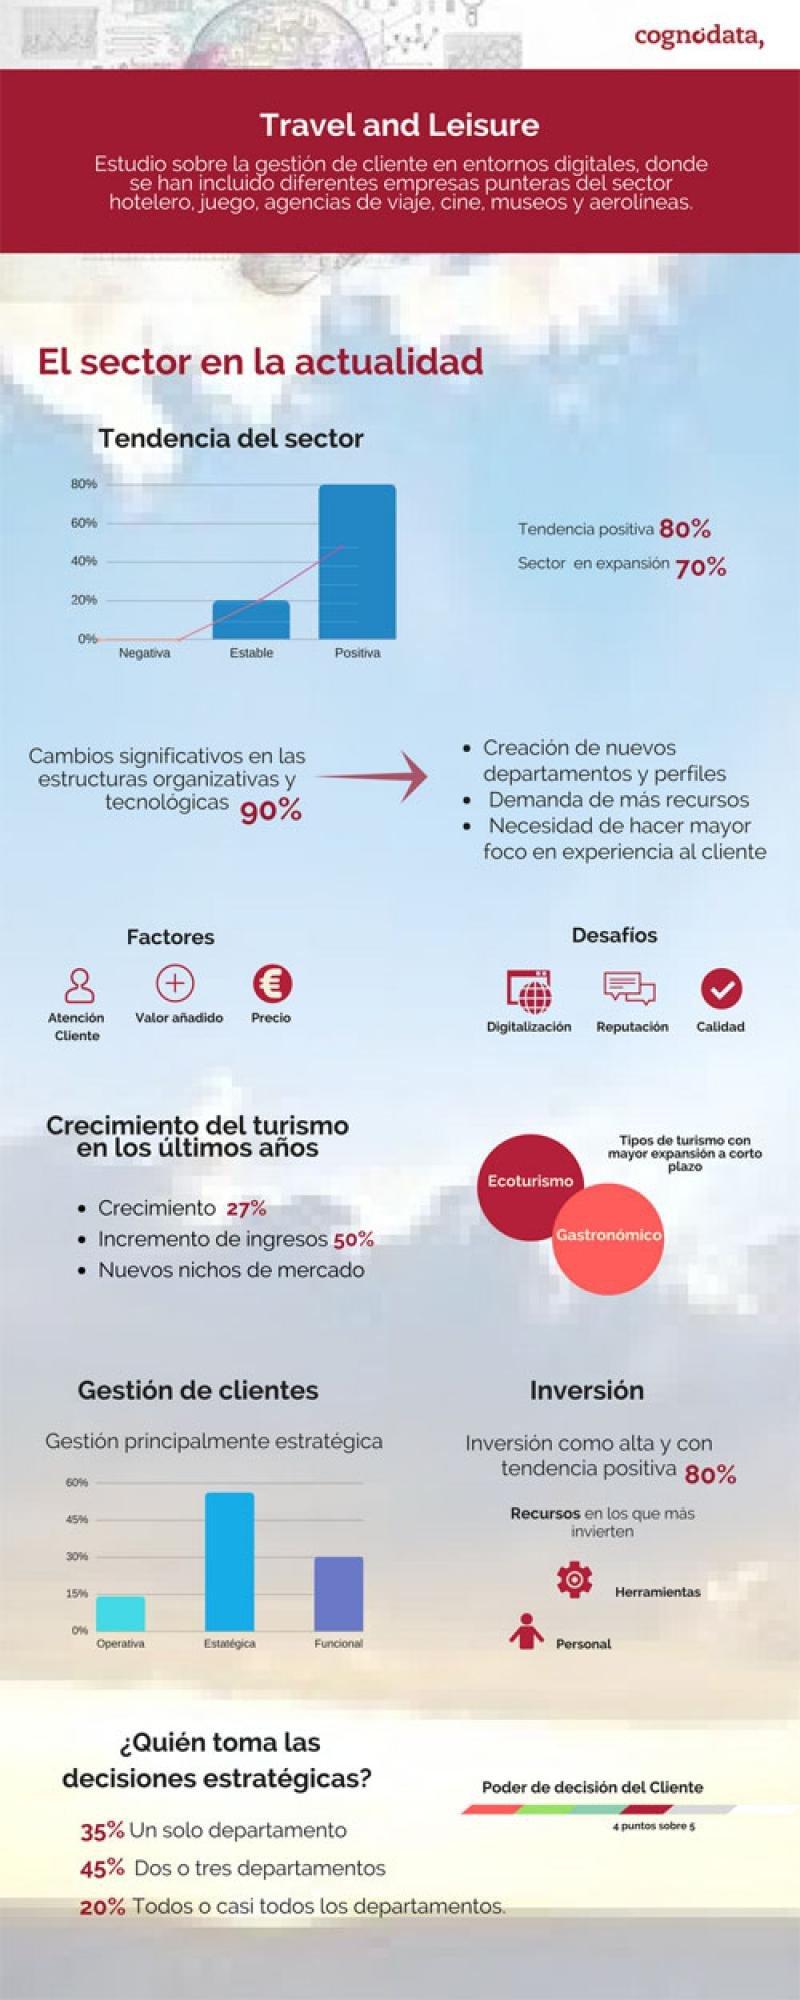 Infografía de Cognodata que ilustra la situación actual del sector turístico en el proceso de digitalización.